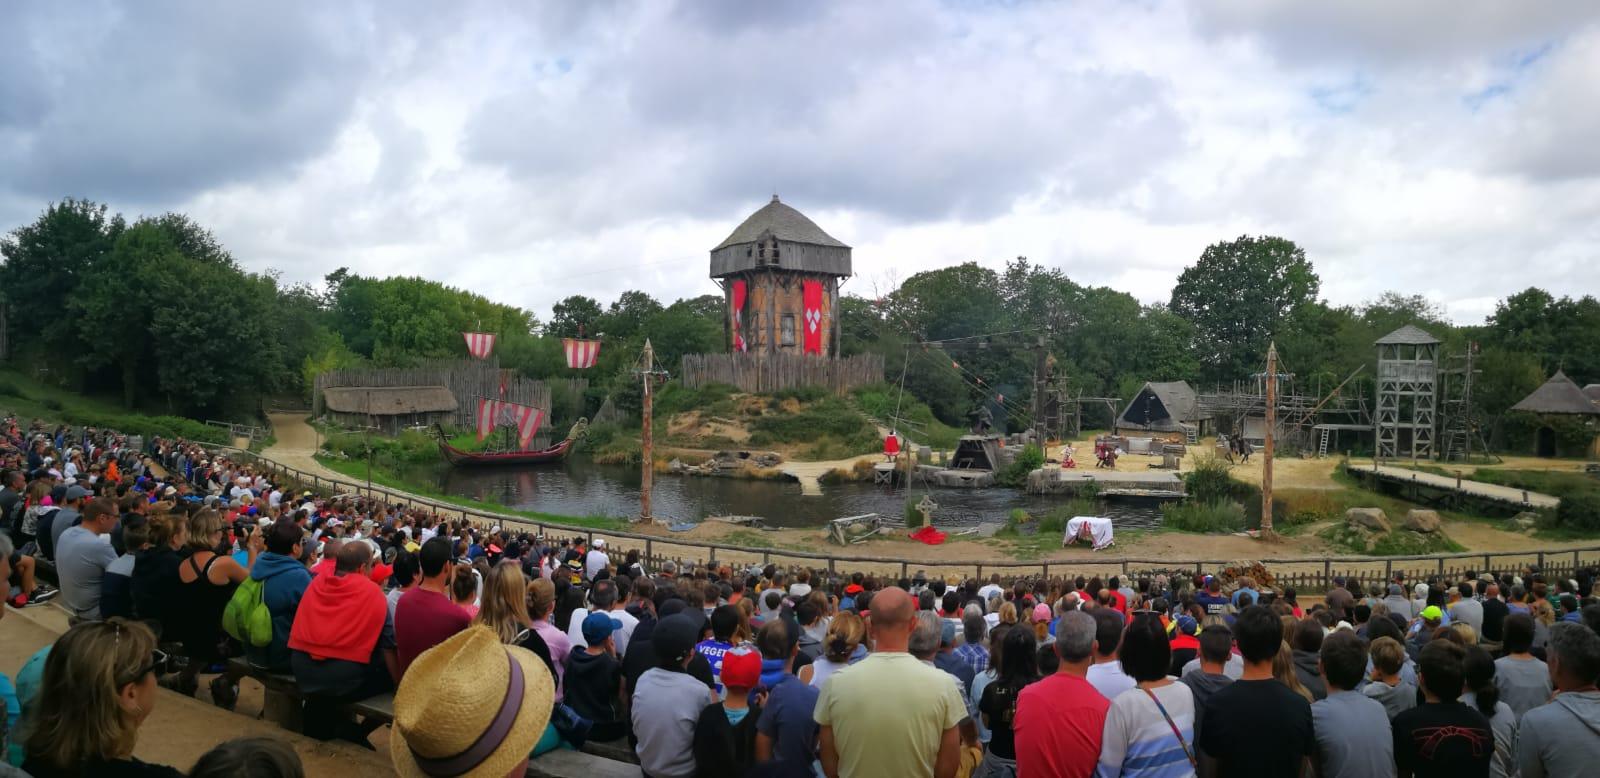 Les Epesses, Frankrijk attractiepark puy du fou les vkings